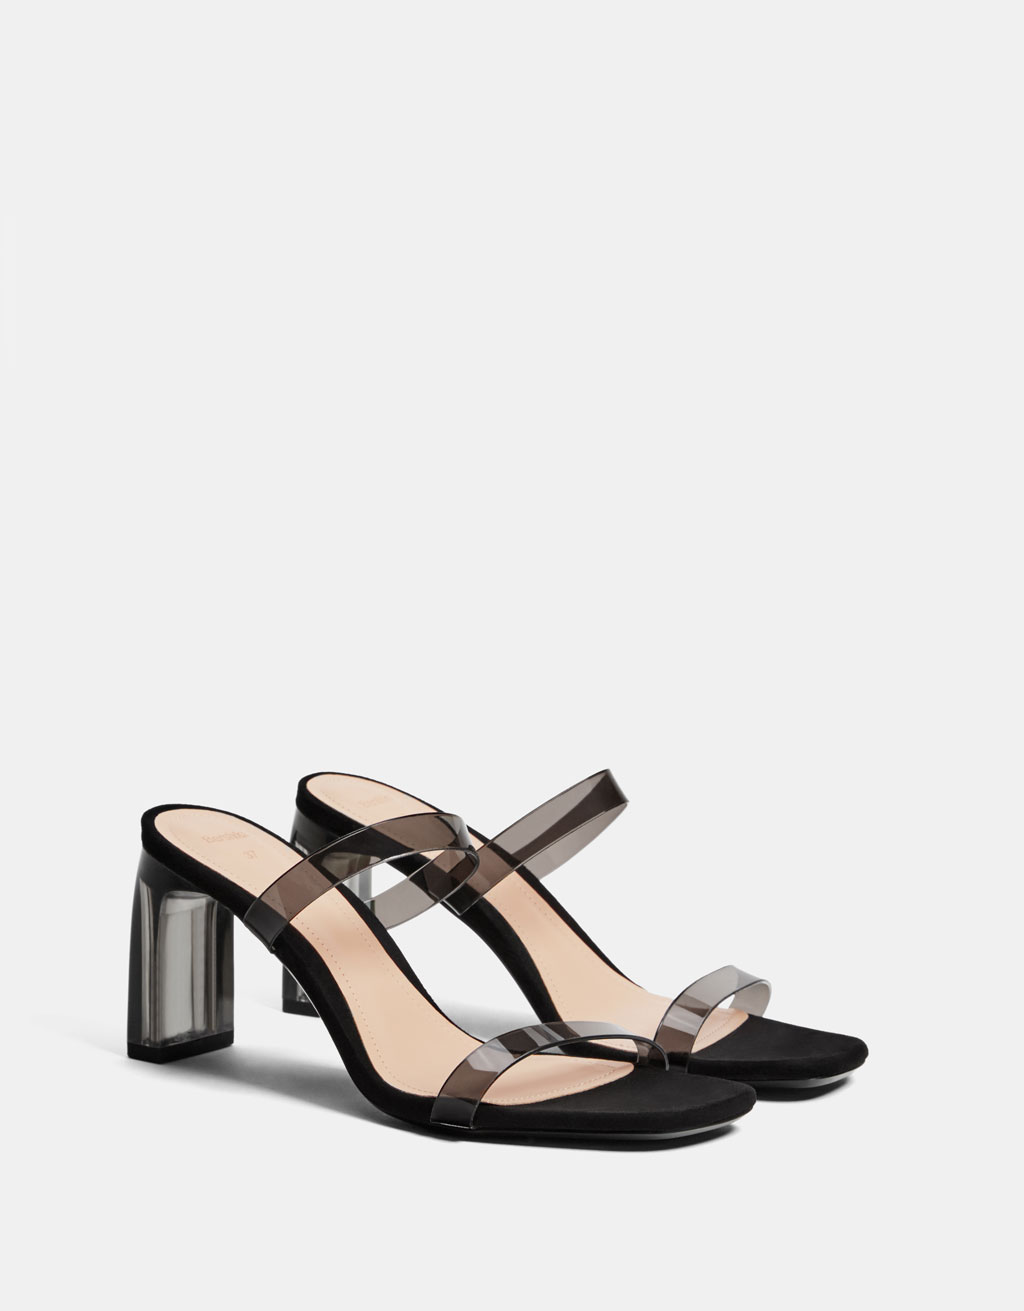 Vinyl high heel sandals